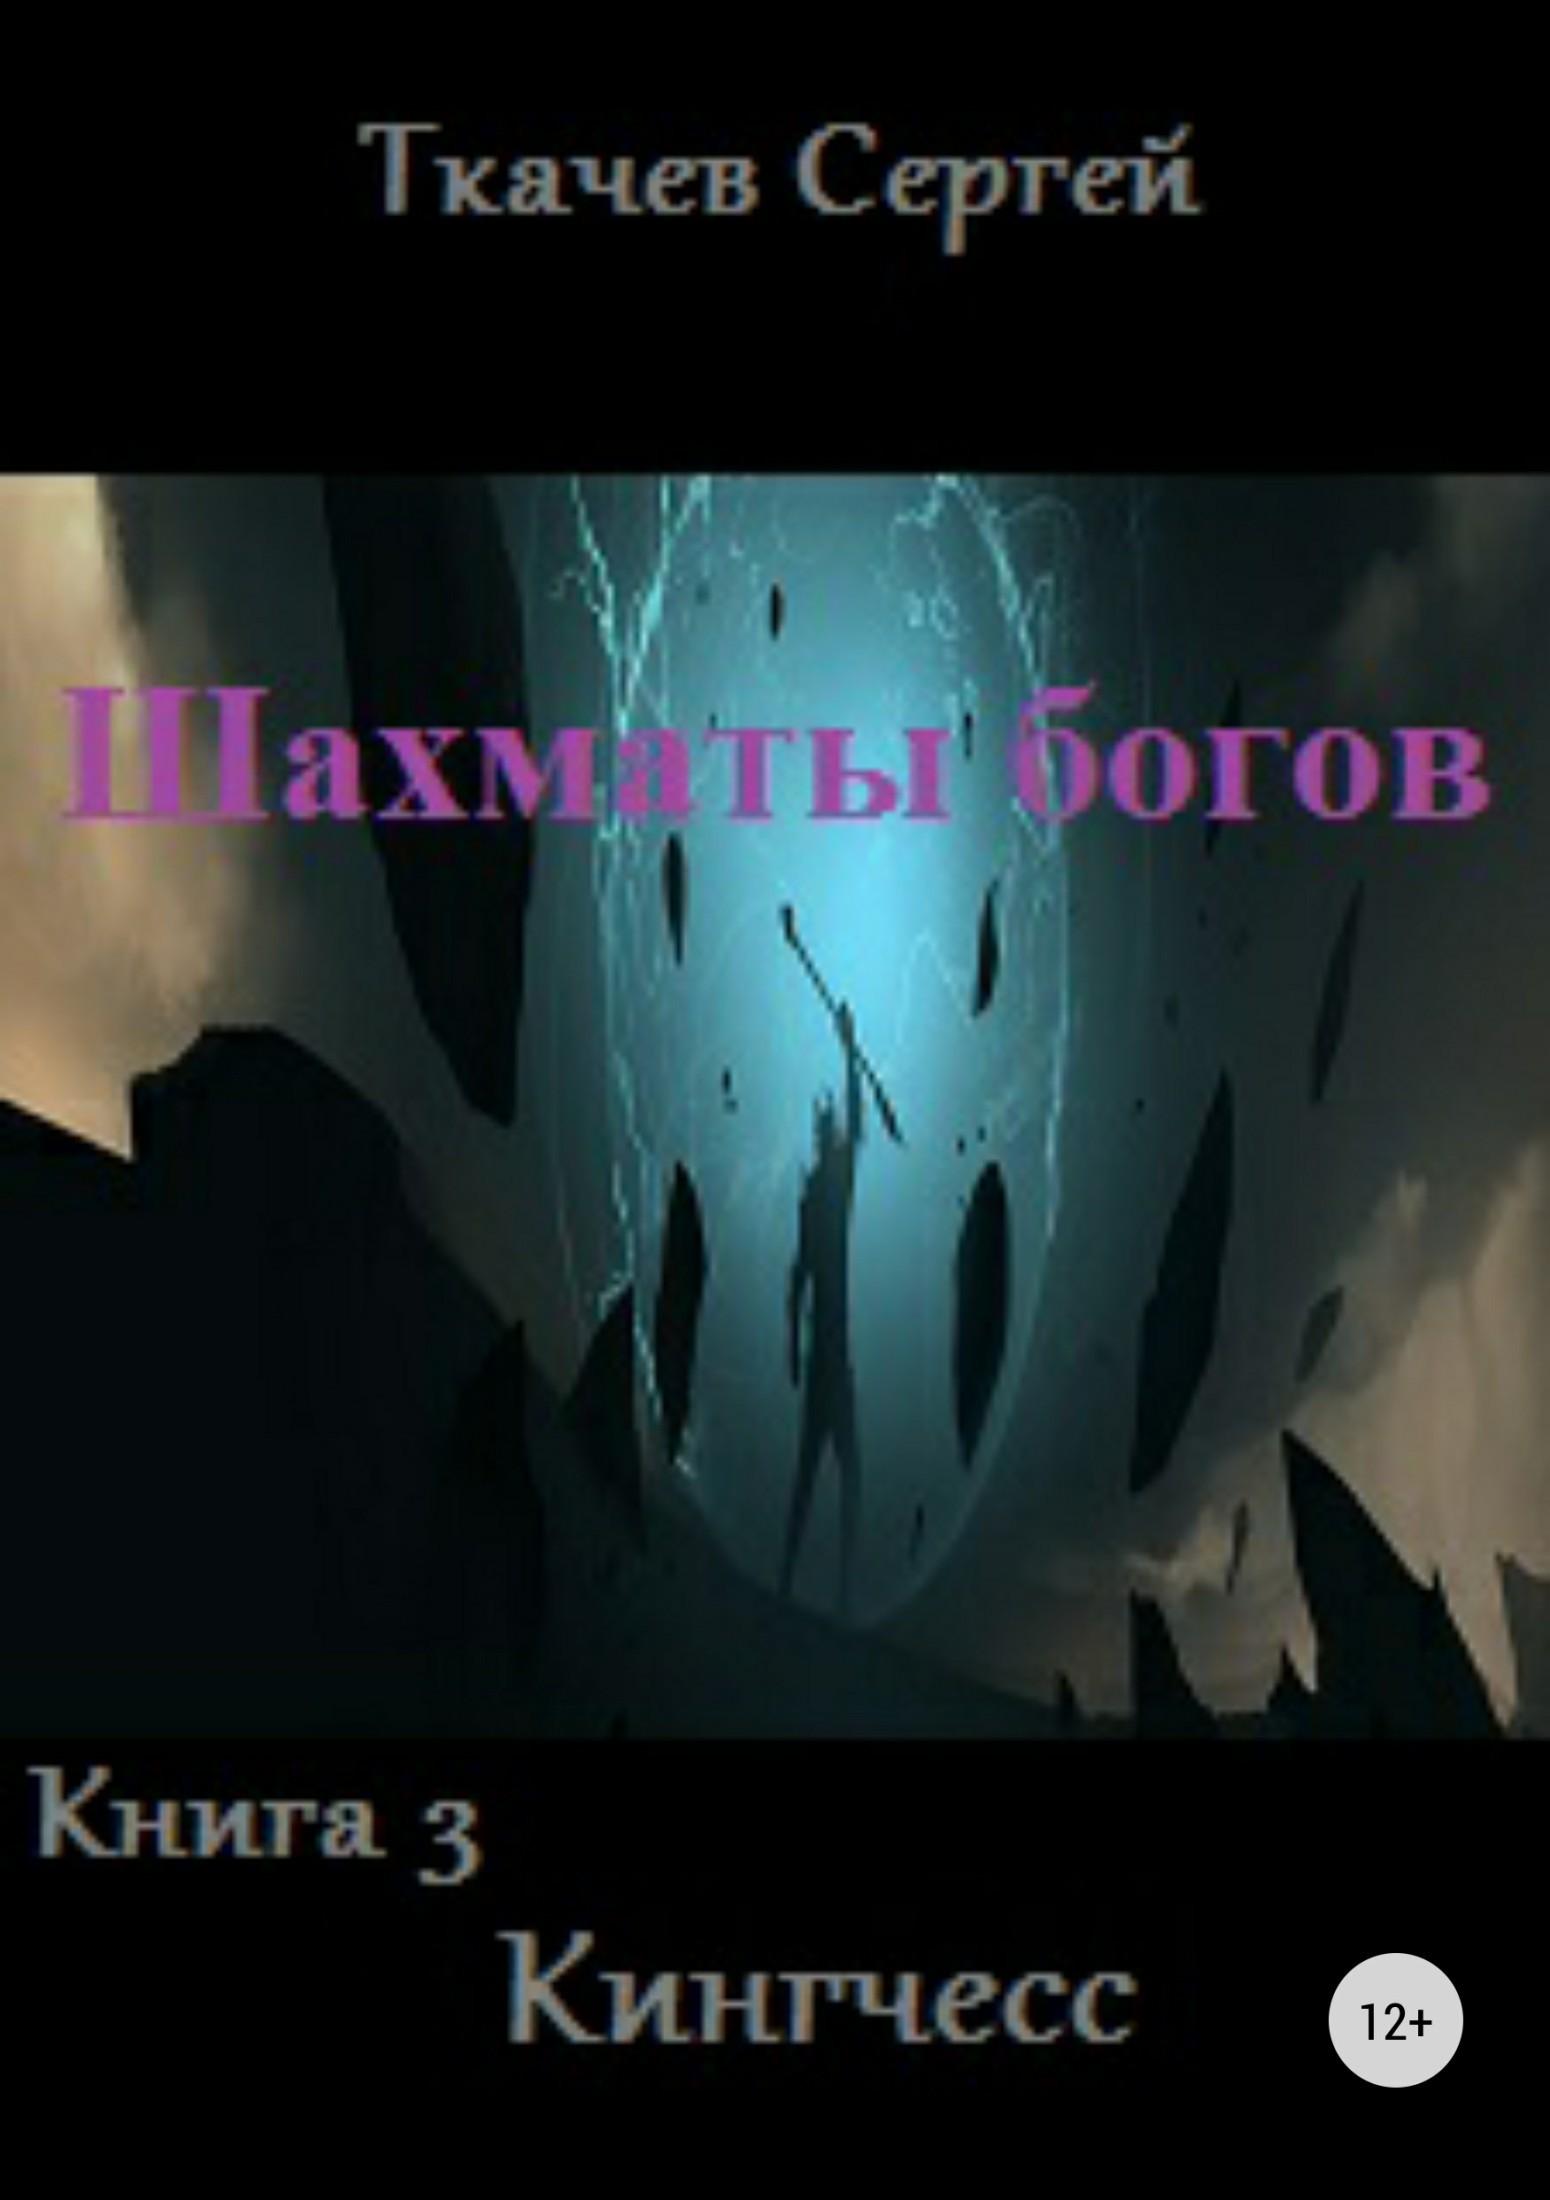 Шахматы богов 3. Кингчесс_Сергей Сергеевич Ткачев